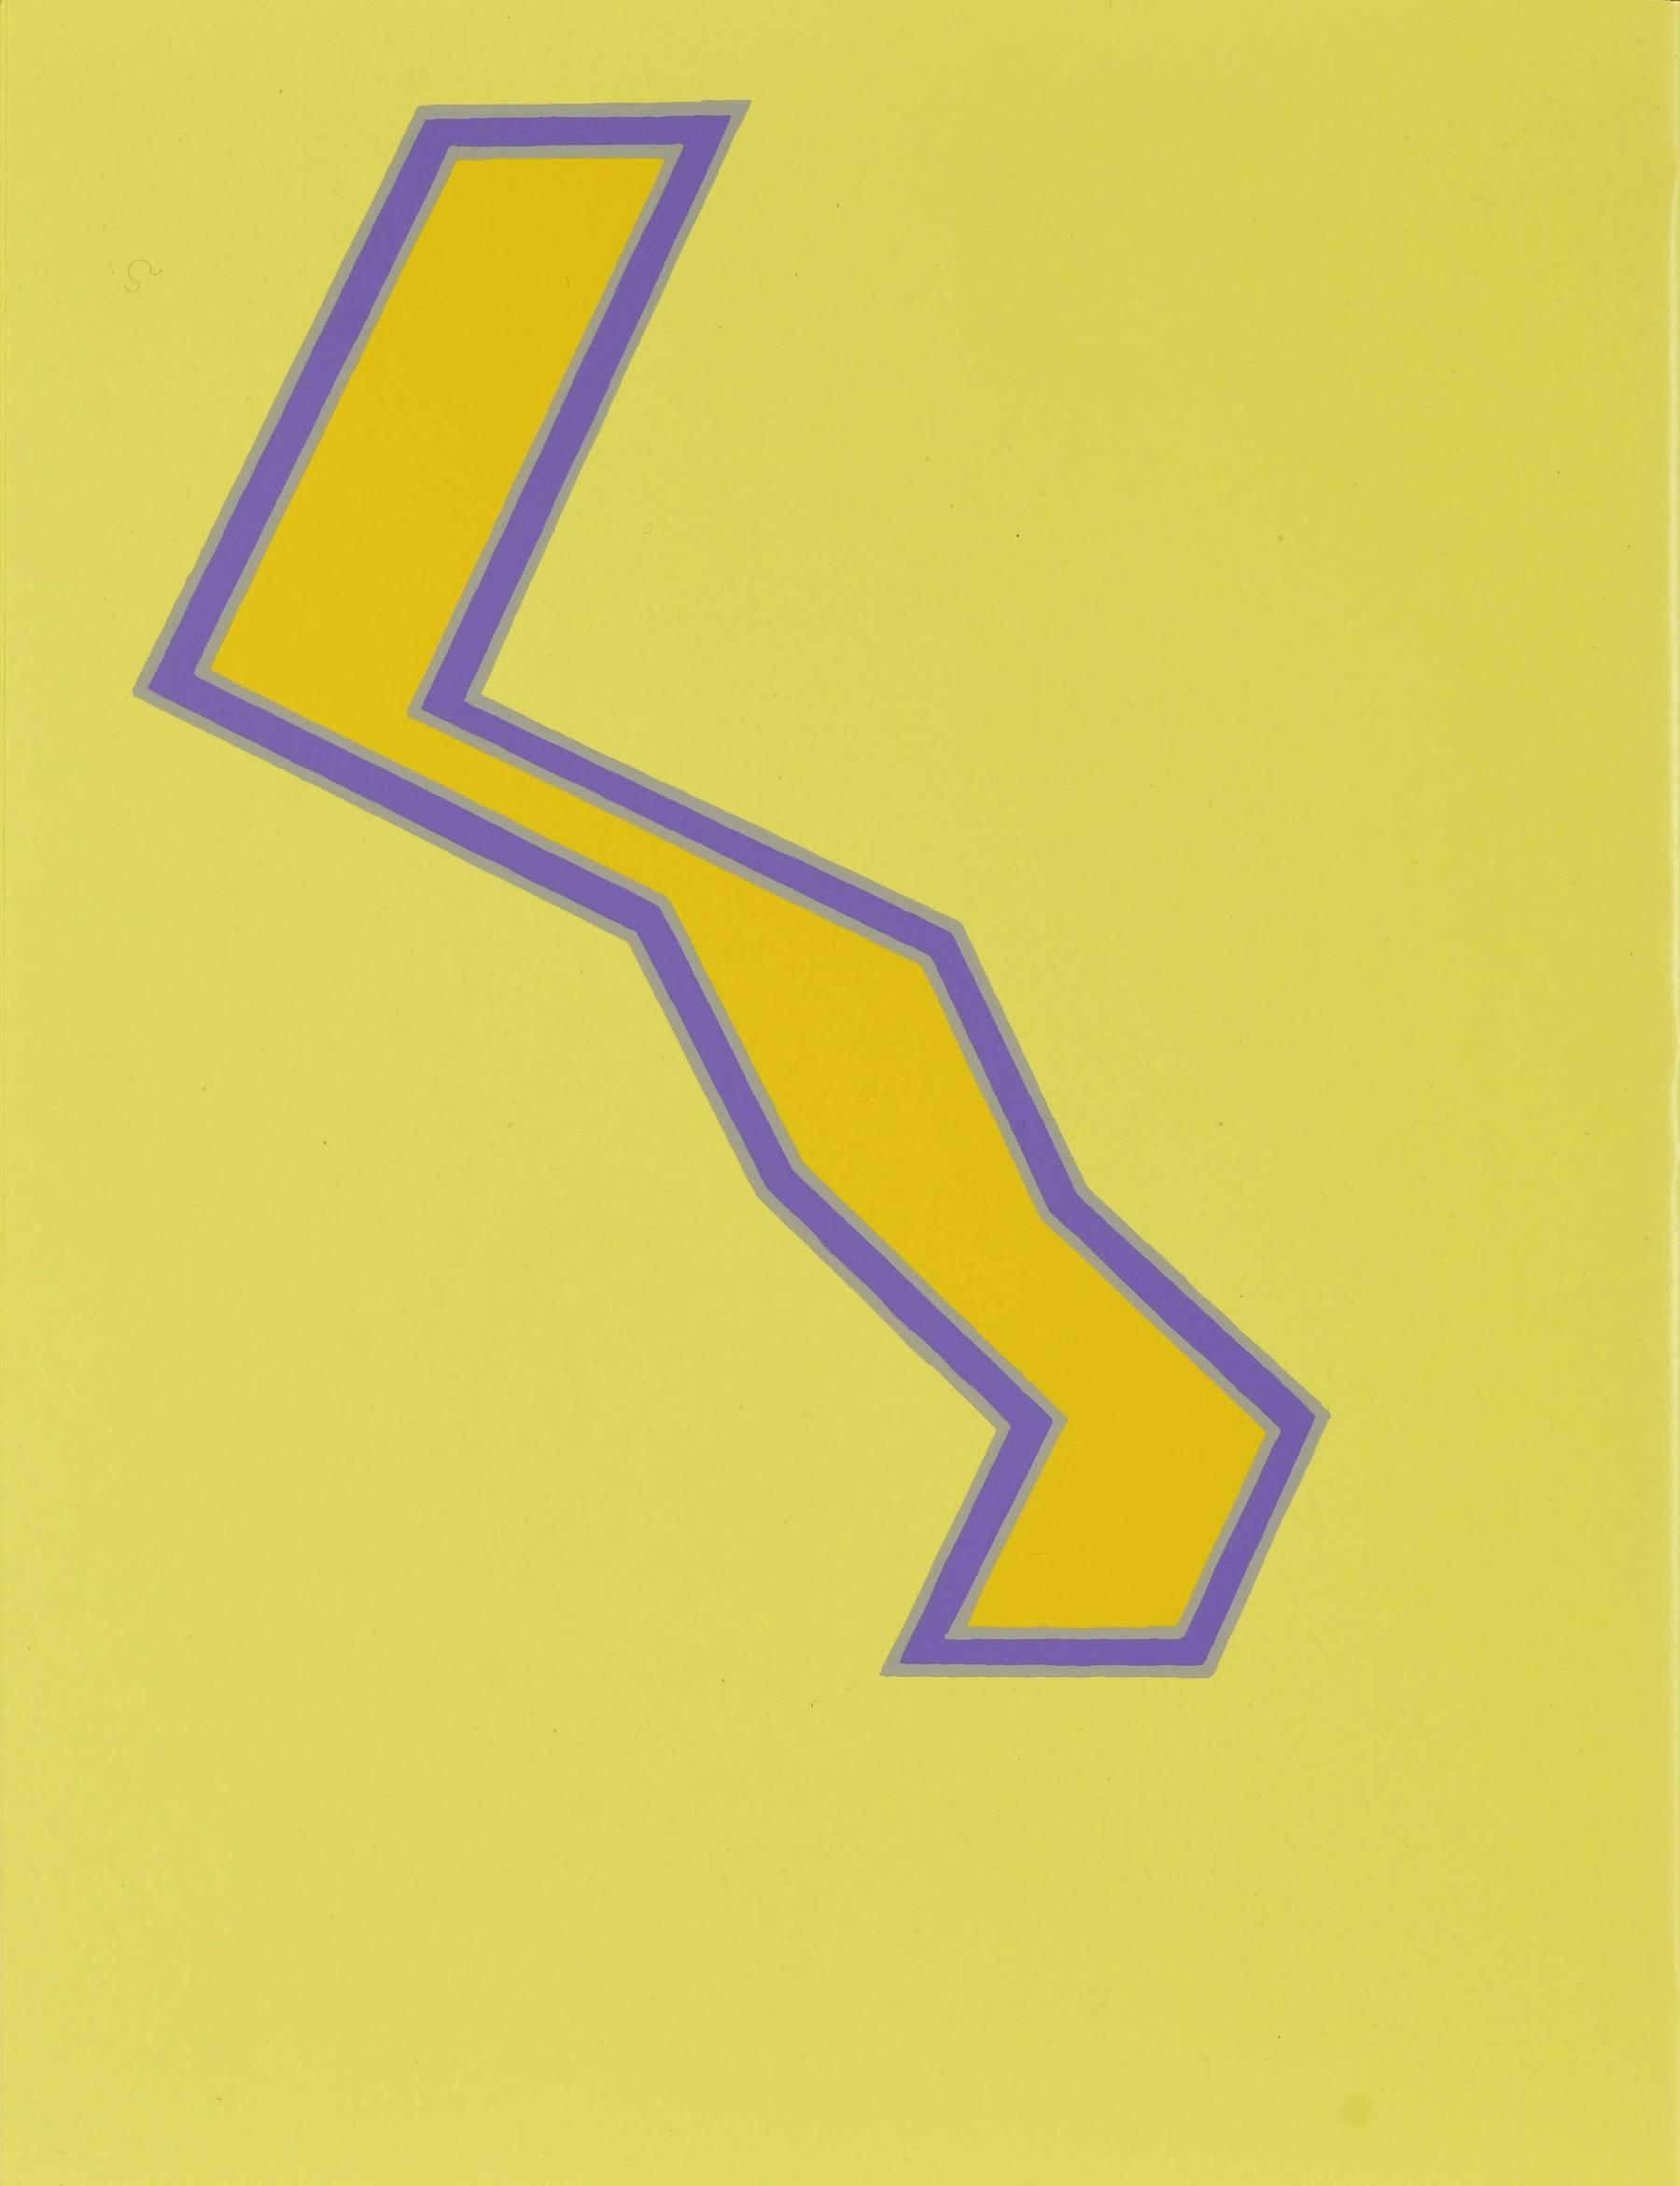 Contenu du Formes géométriques sur fond jaune